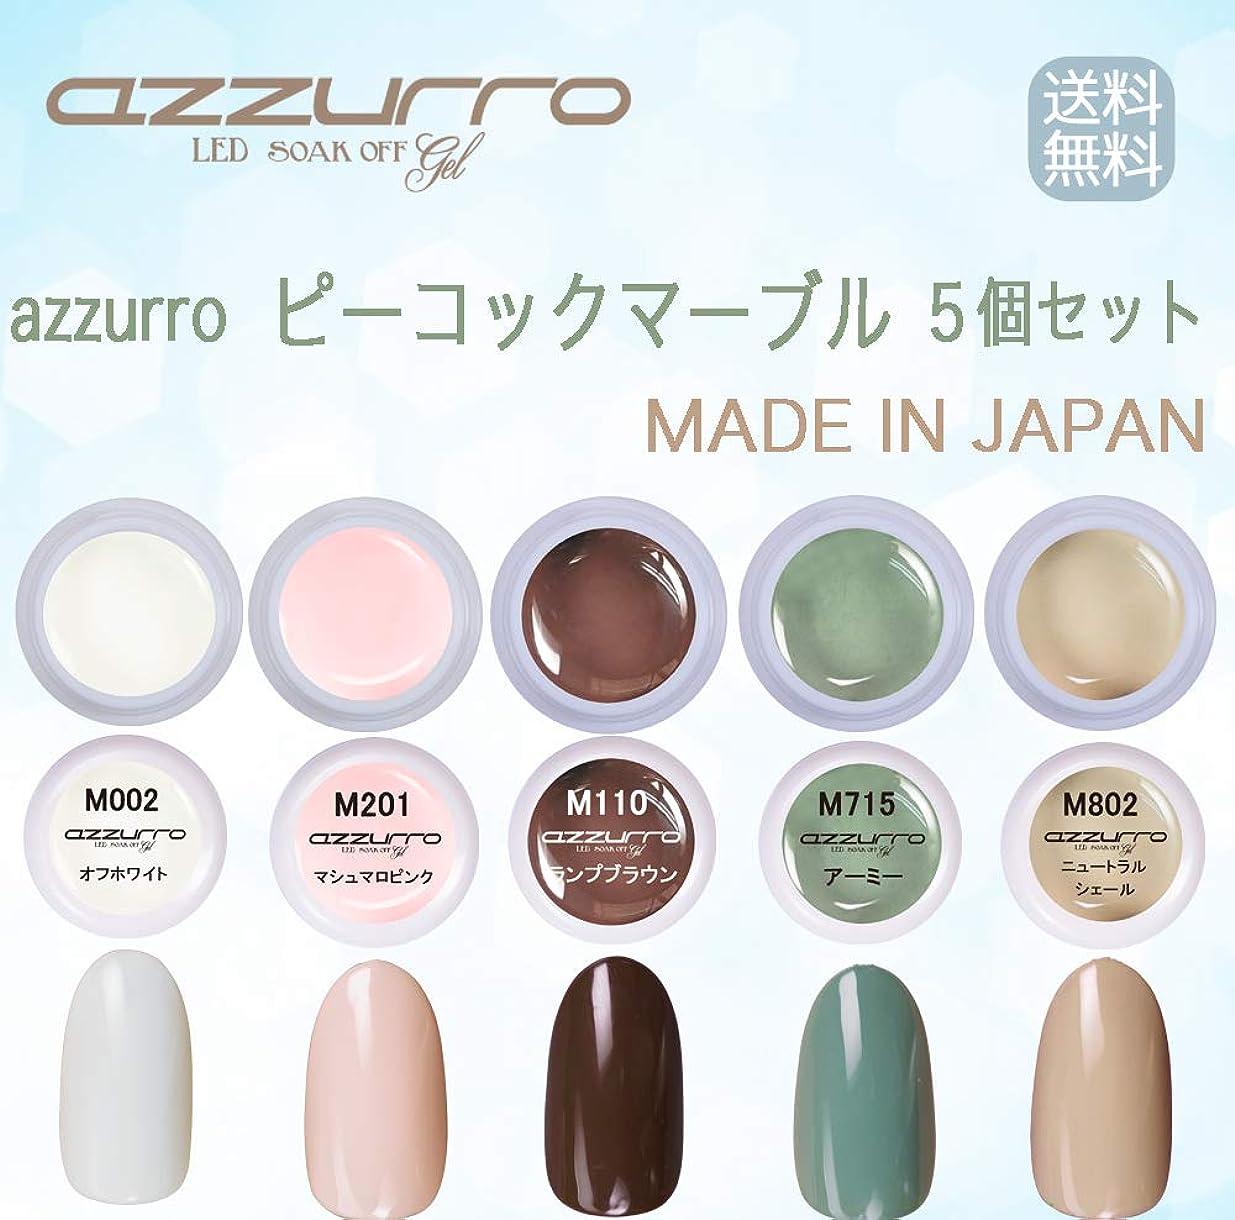 荷物教チップ【送料無料】日本製 azzurro gel ピーコックマーブルカラージェル5個セット 簡単でおしゃれにアートができるフェザーマーブルカラー